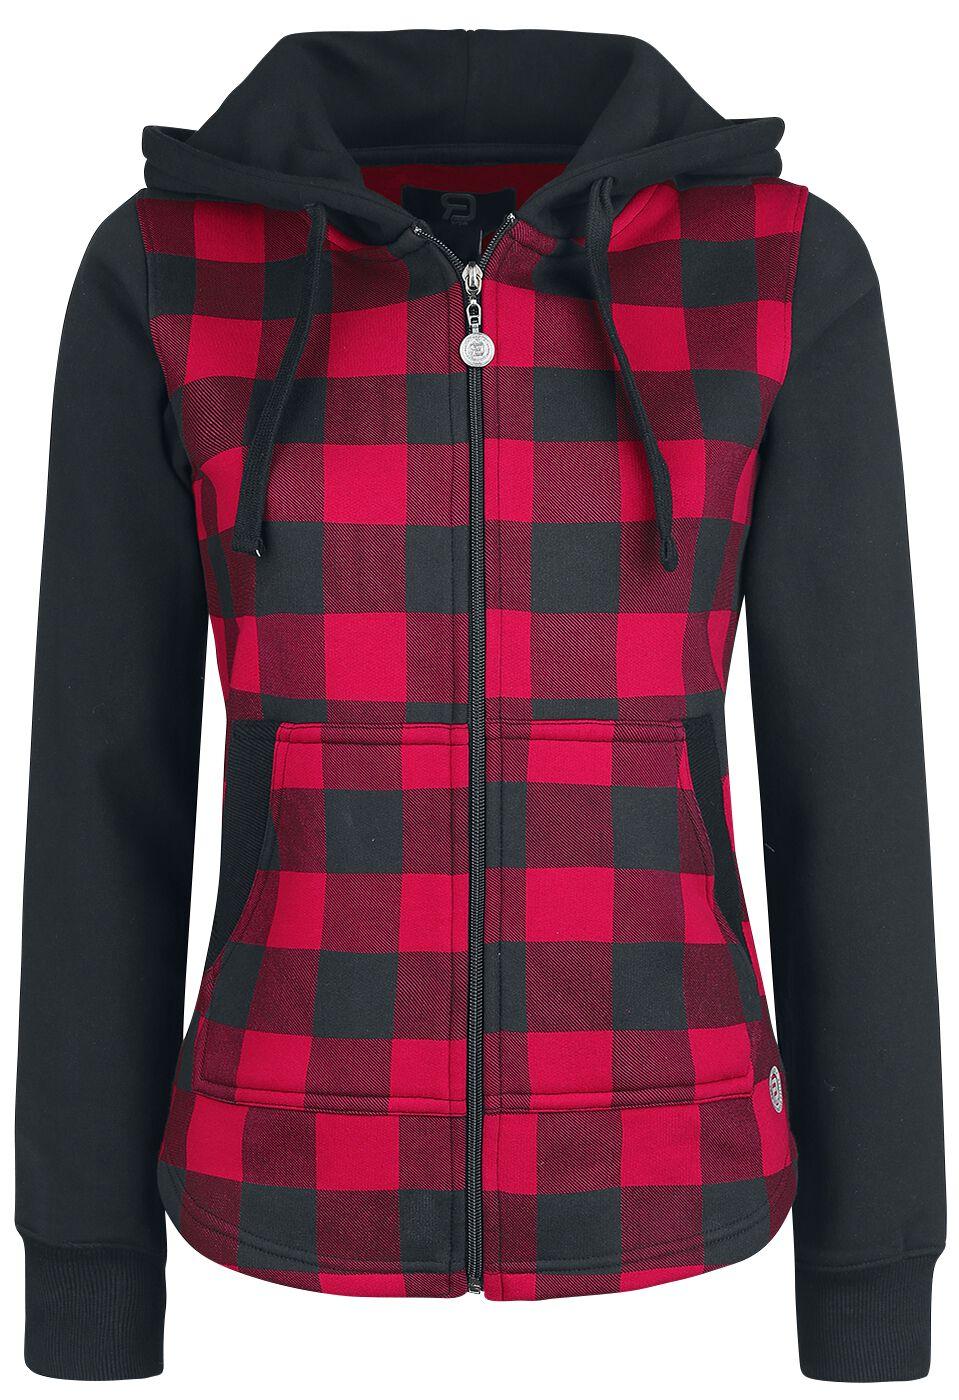 RED by EMP Stay Different Bluza z kapturem rozpinana damska czarny/czerwony